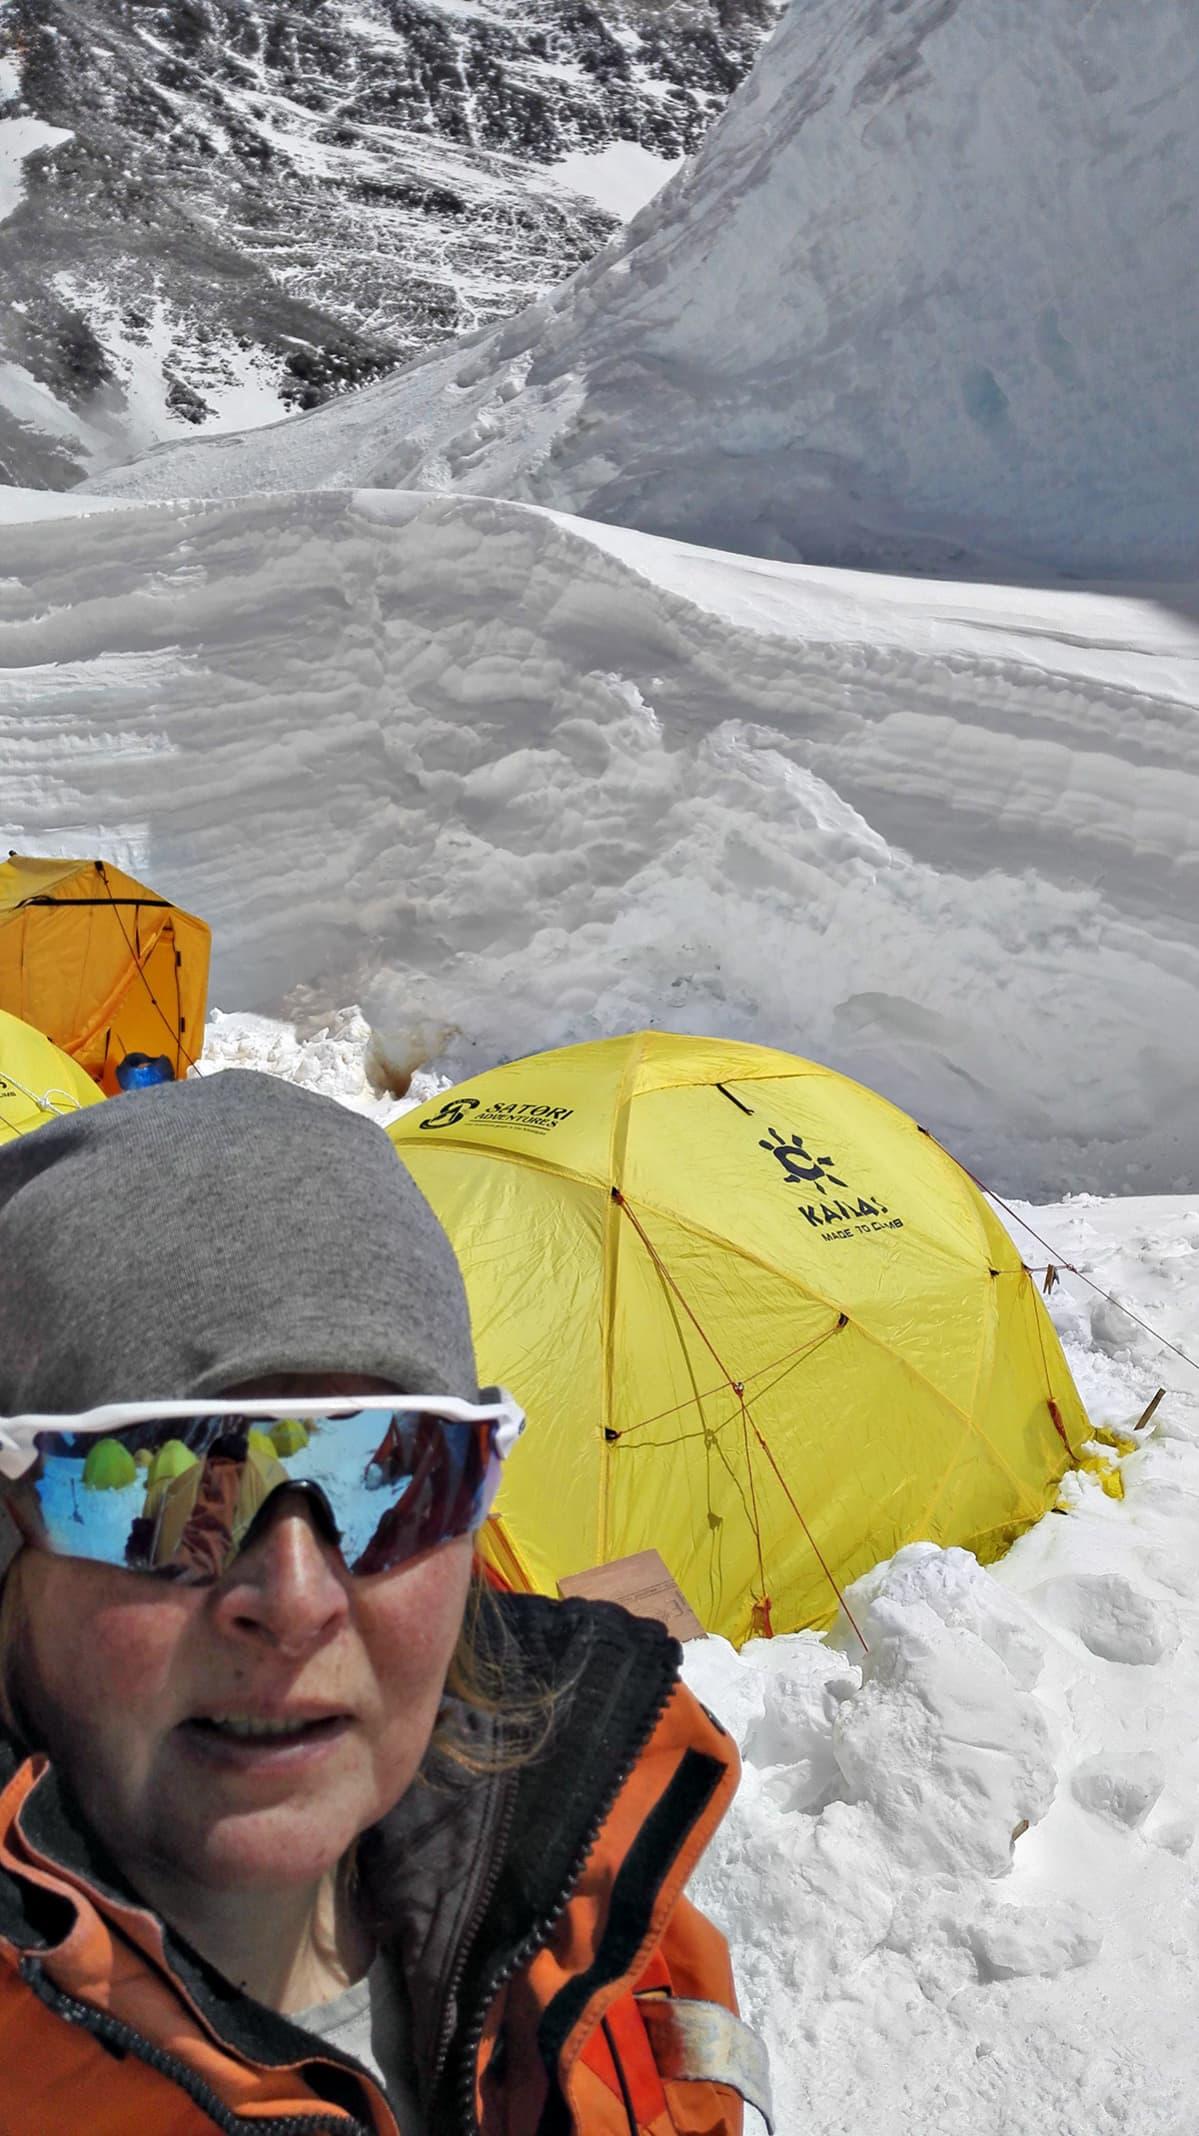 Paula Strengell leirissä. Kuvassa North Colista 7200 m, joka on Camp 1. Lisähapelle mennään sen jälkeen n. 7500 m:ssä.